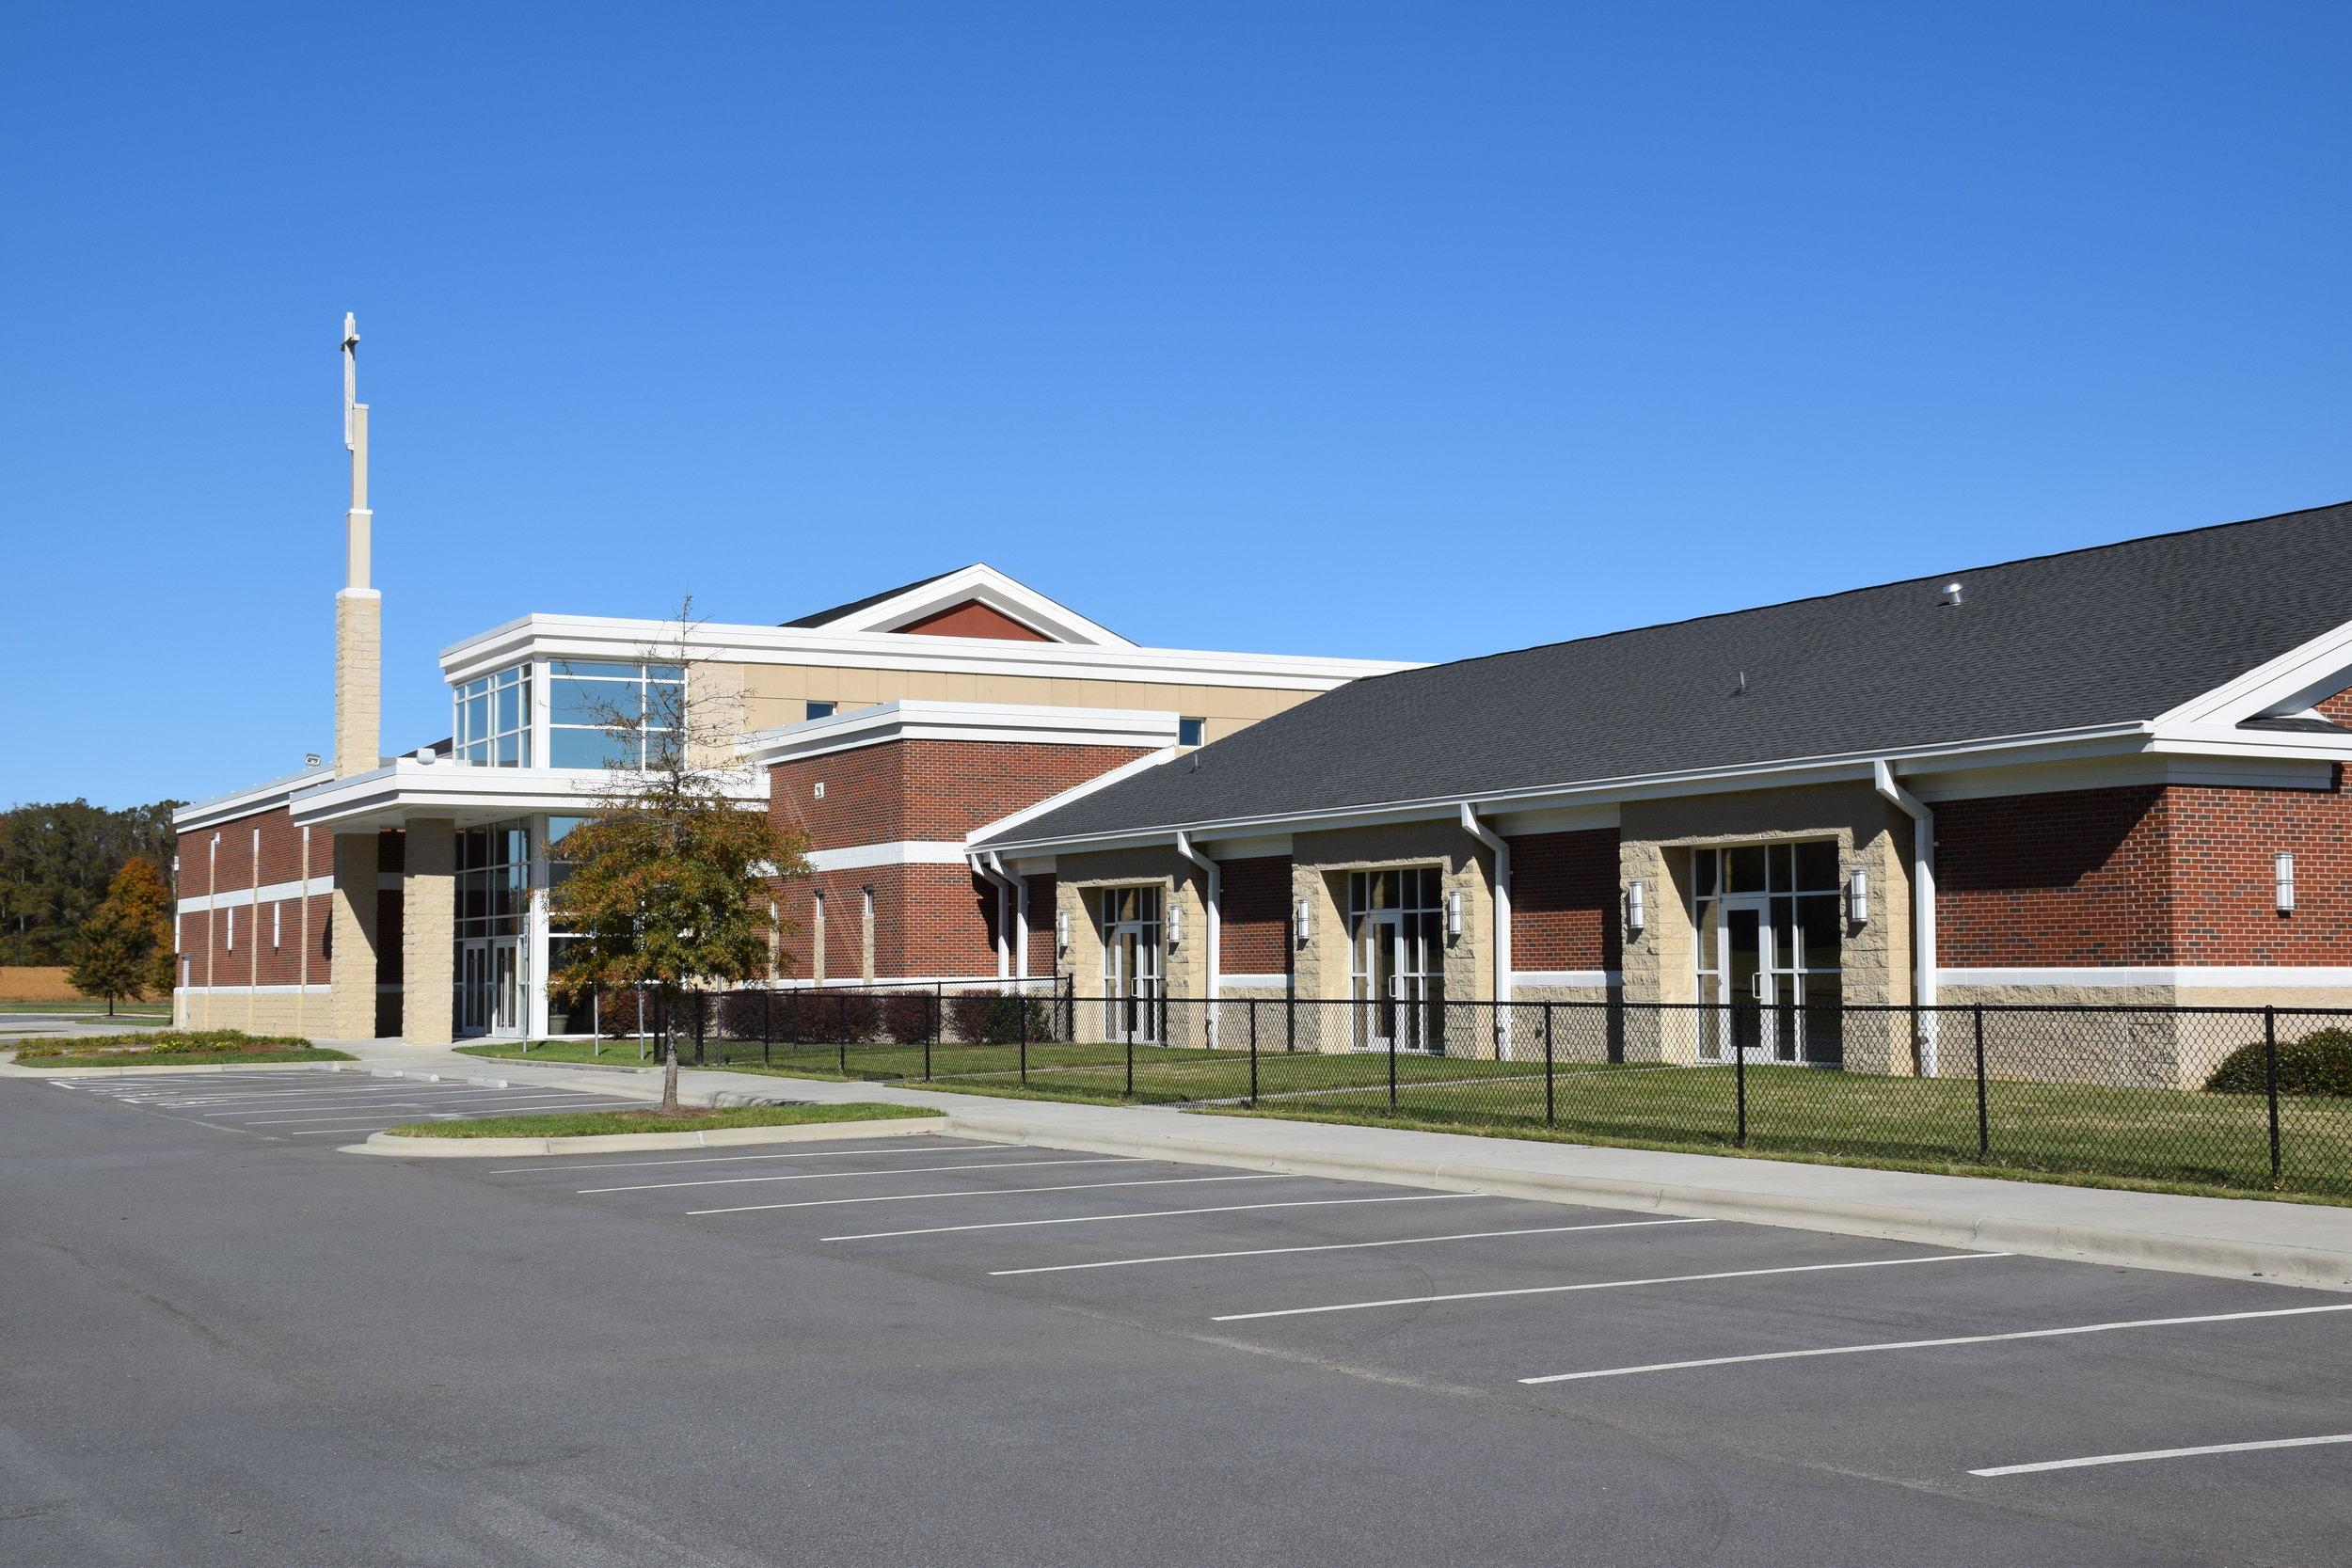 ADW-Faith-Based-Hopewell-Baptist-Church-Union-County-NC-Exterior.JPG